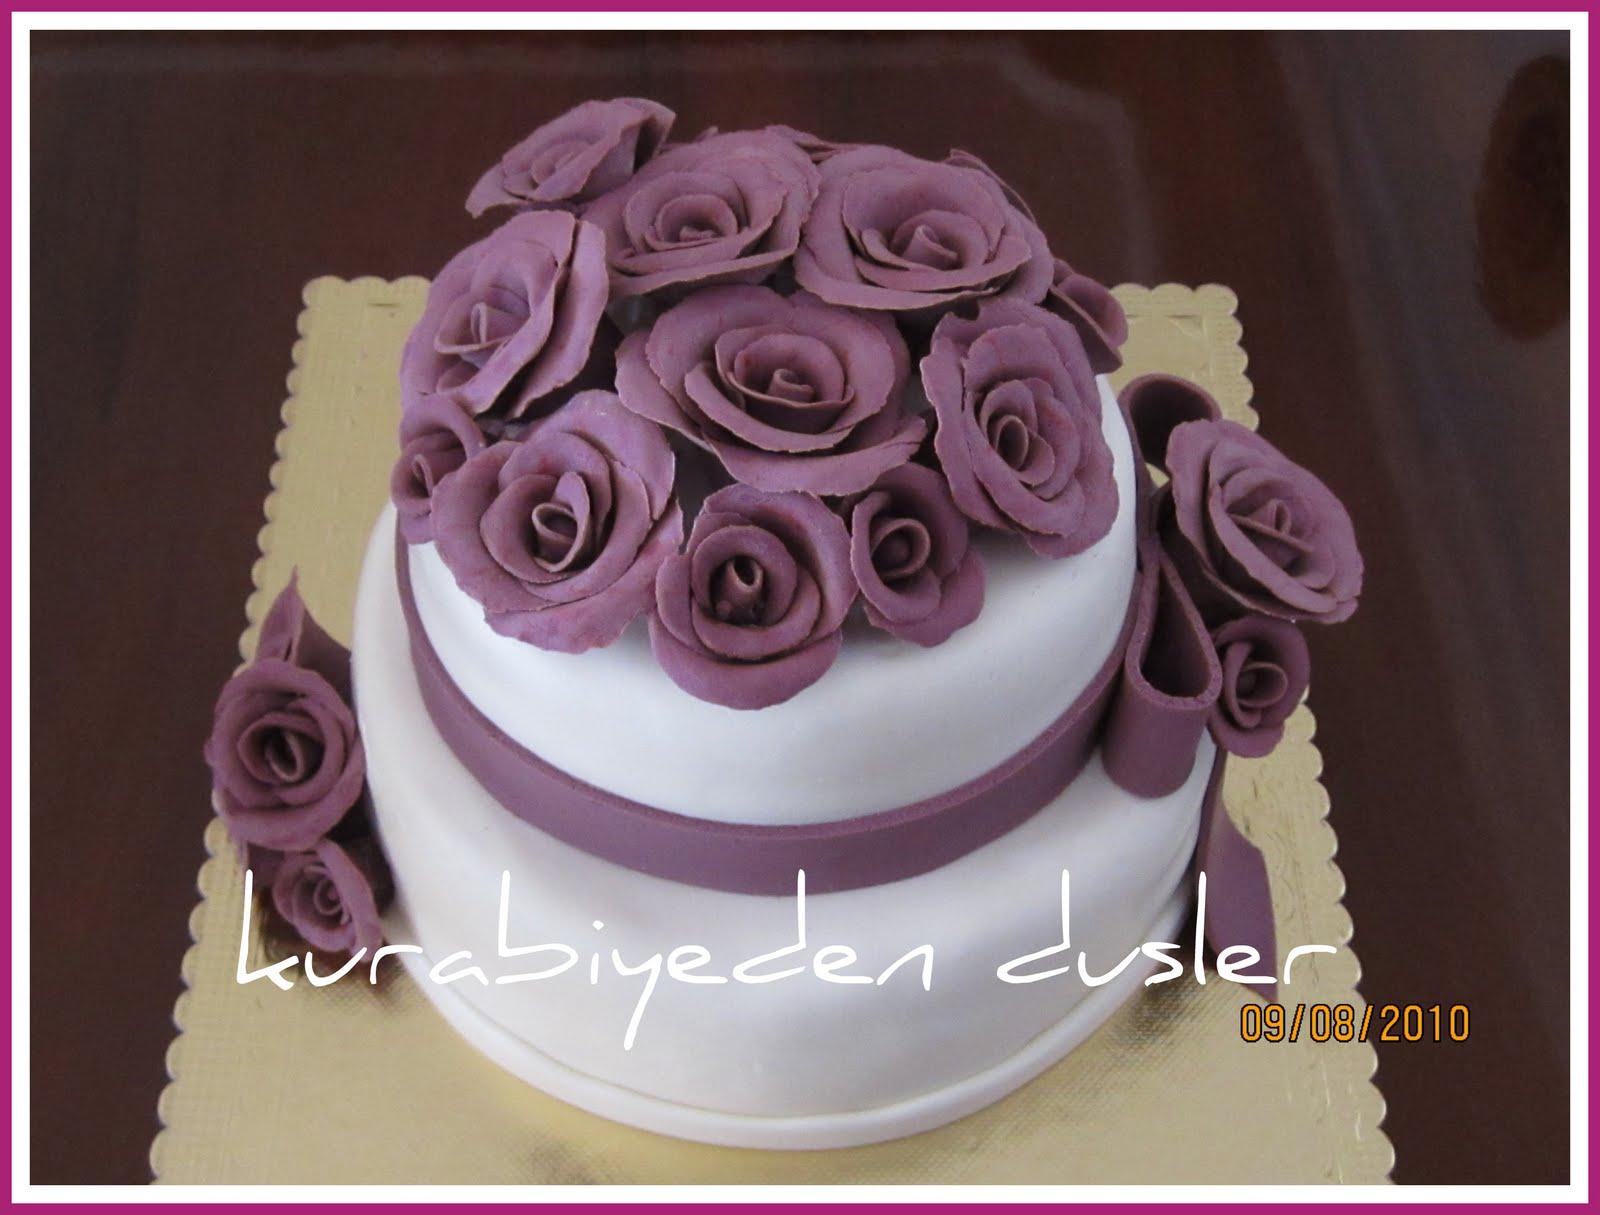 Nişan pastası ve kurabiyeleri